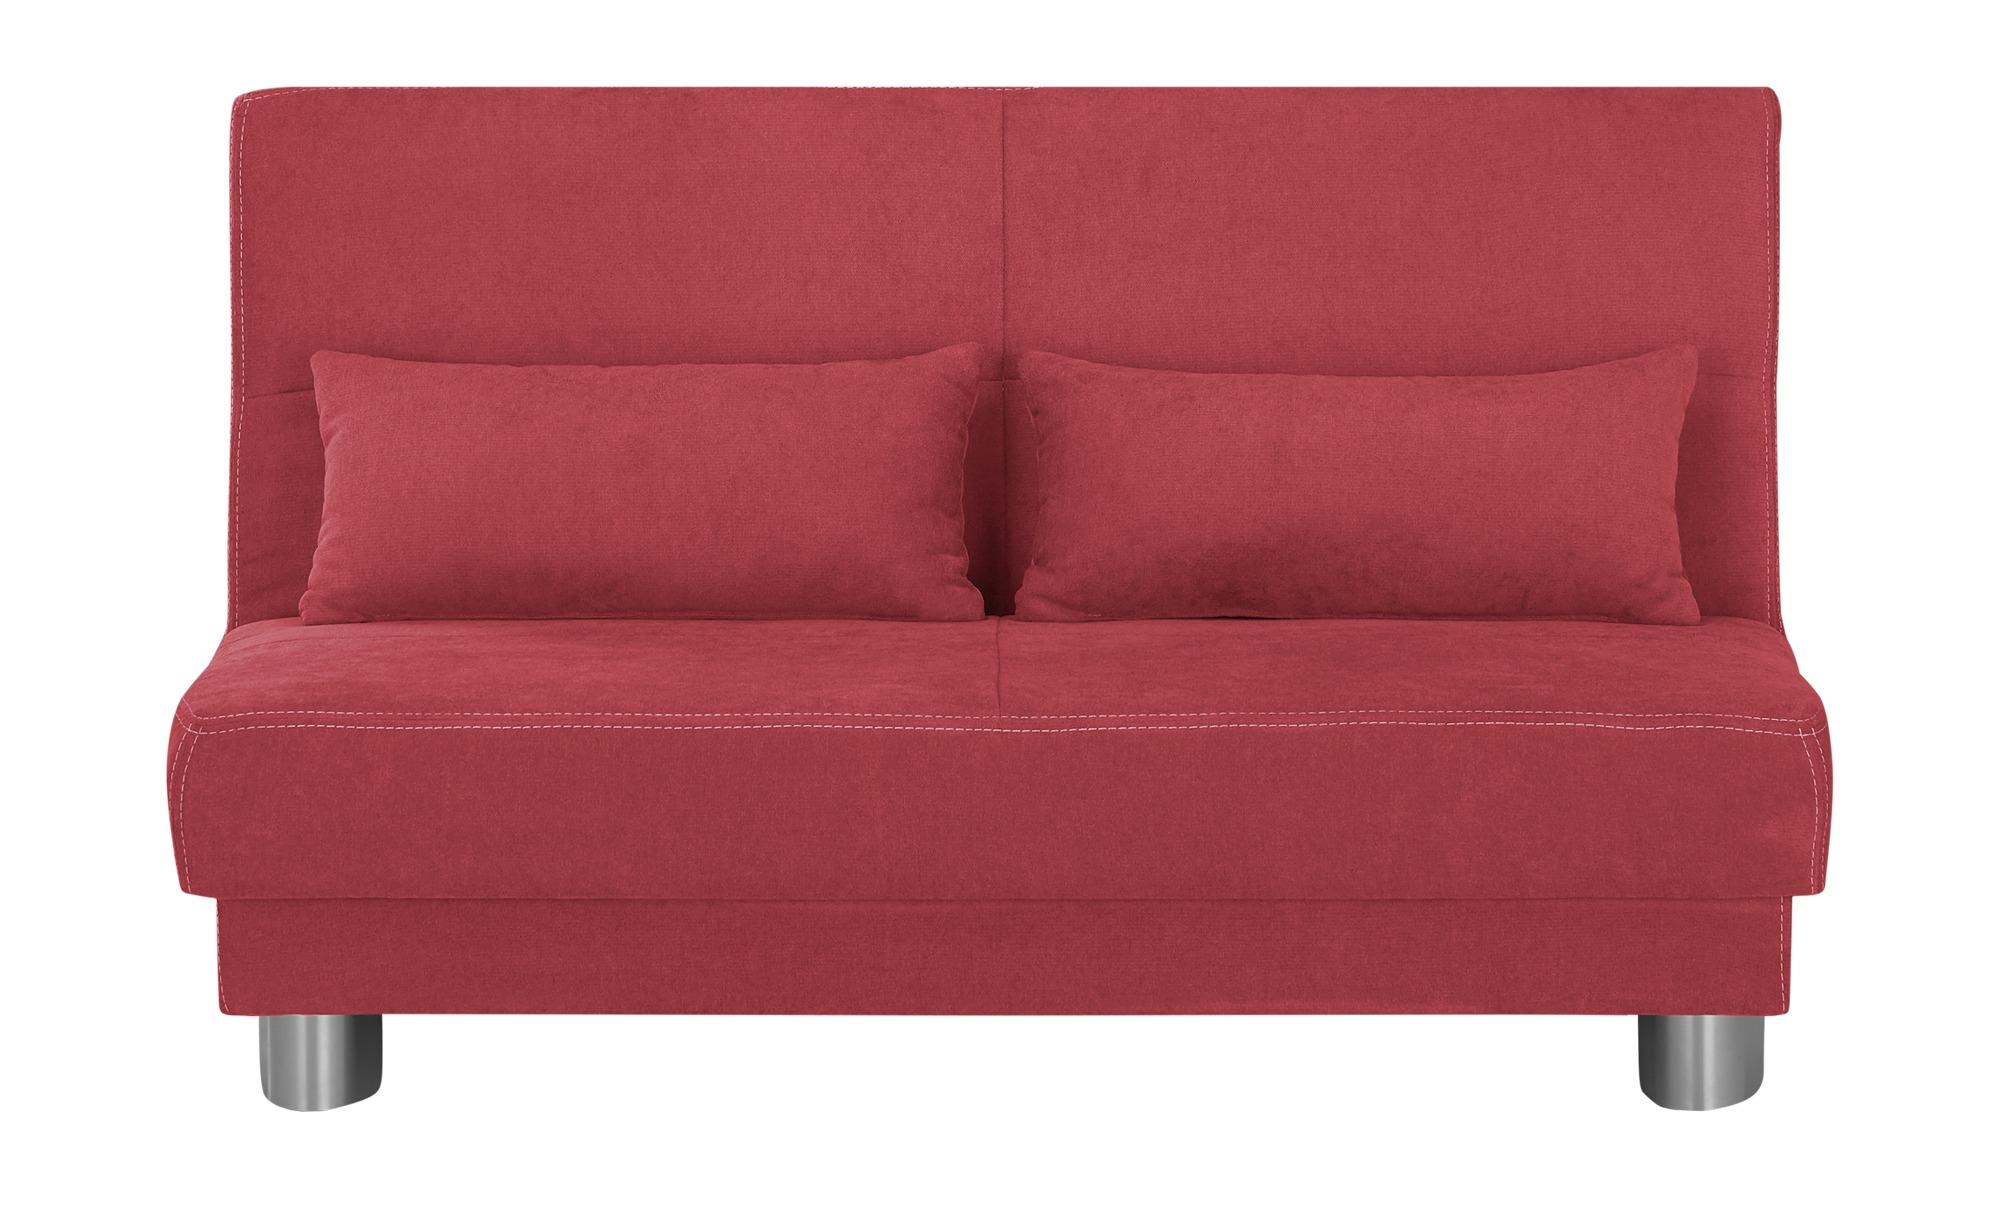 Schlafsofa  Gina ¦ rot ¦ Maße (cm): B: 120 H: 86 T: 95 Polstermöbel > Sofas > Einzelsofas - Höffner